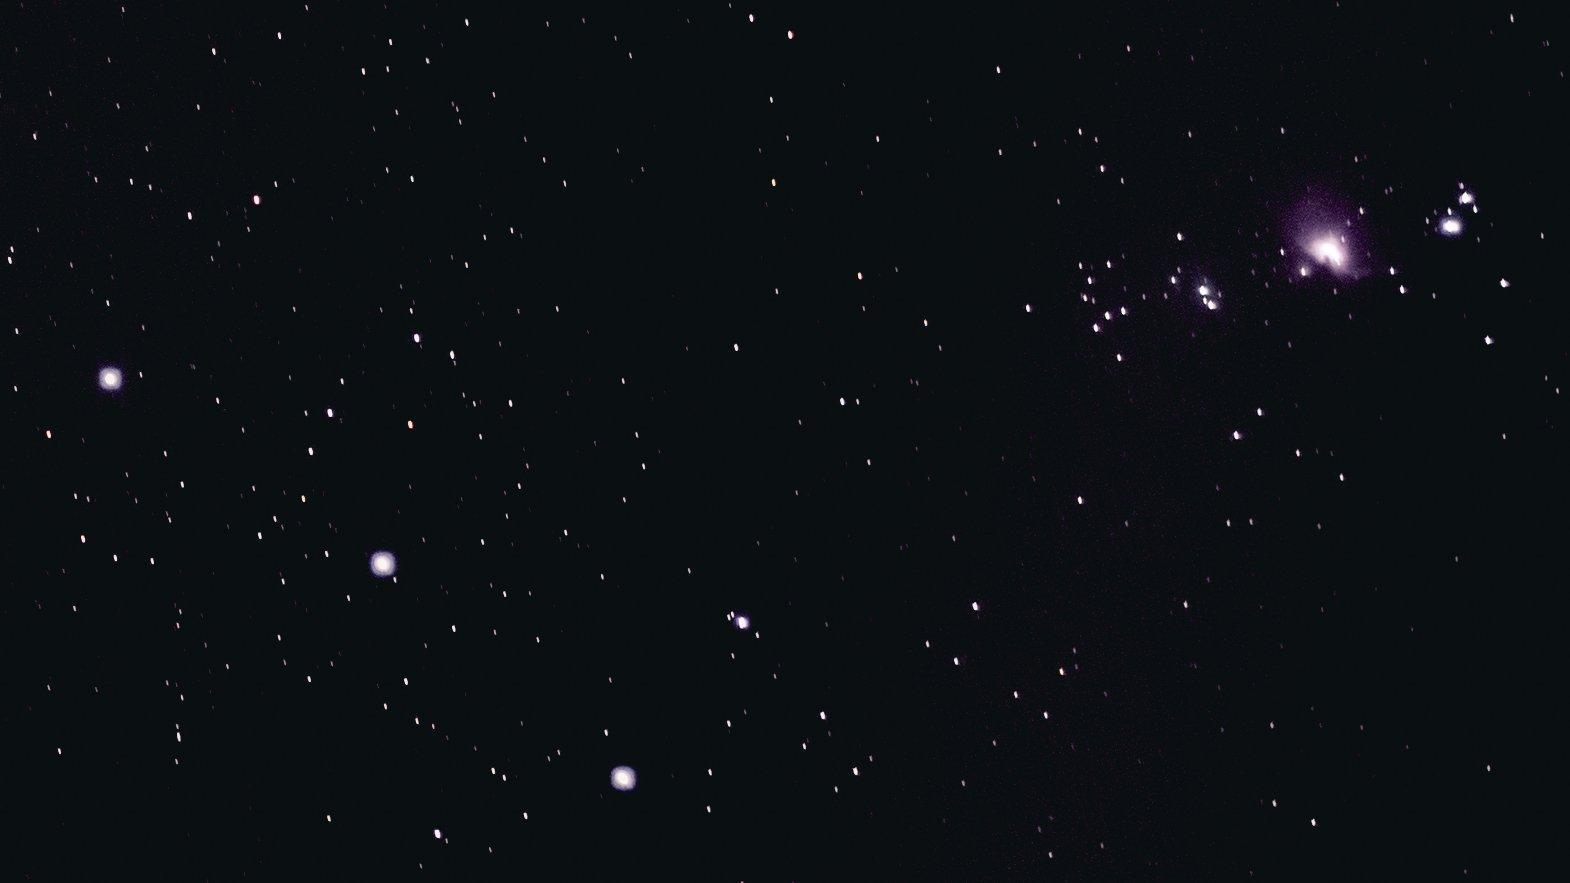 Constelación de Orion y M42